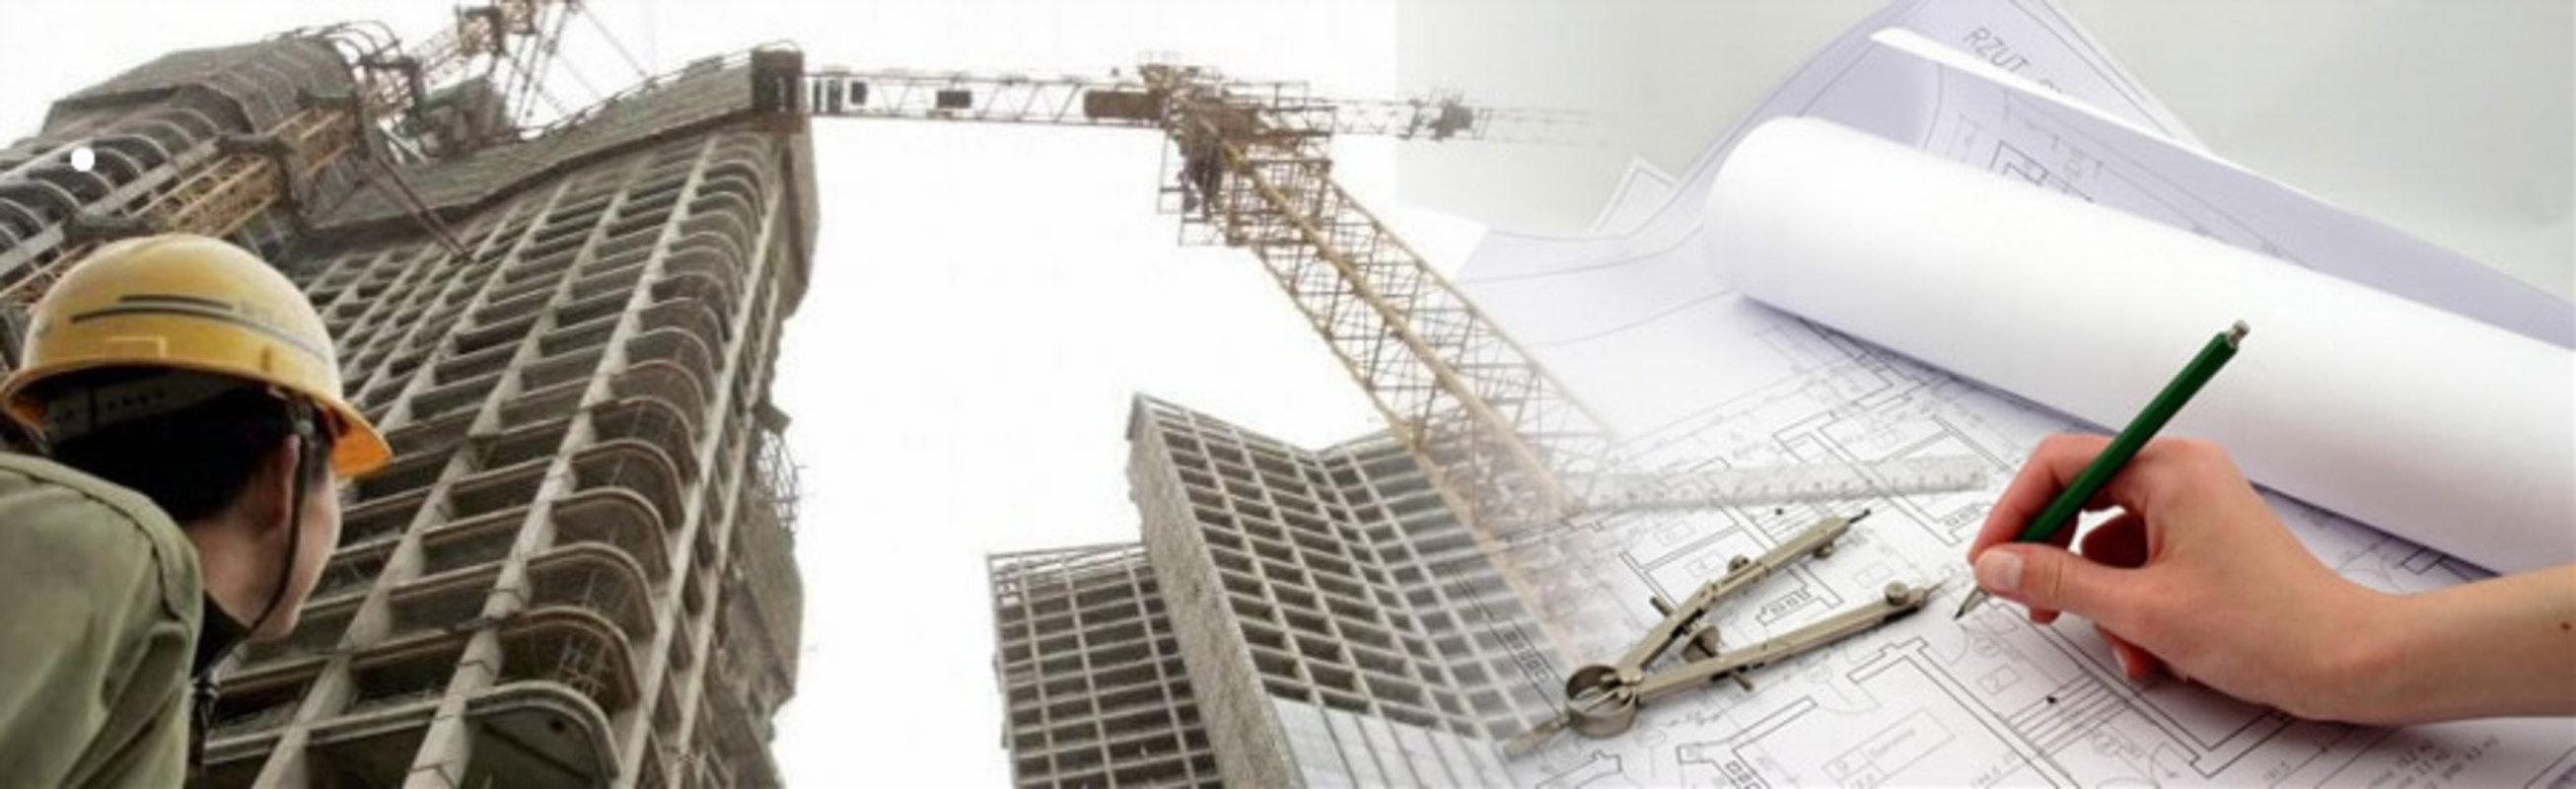 Arquitectura | OPC Ingeniería & Servicios Ltda.